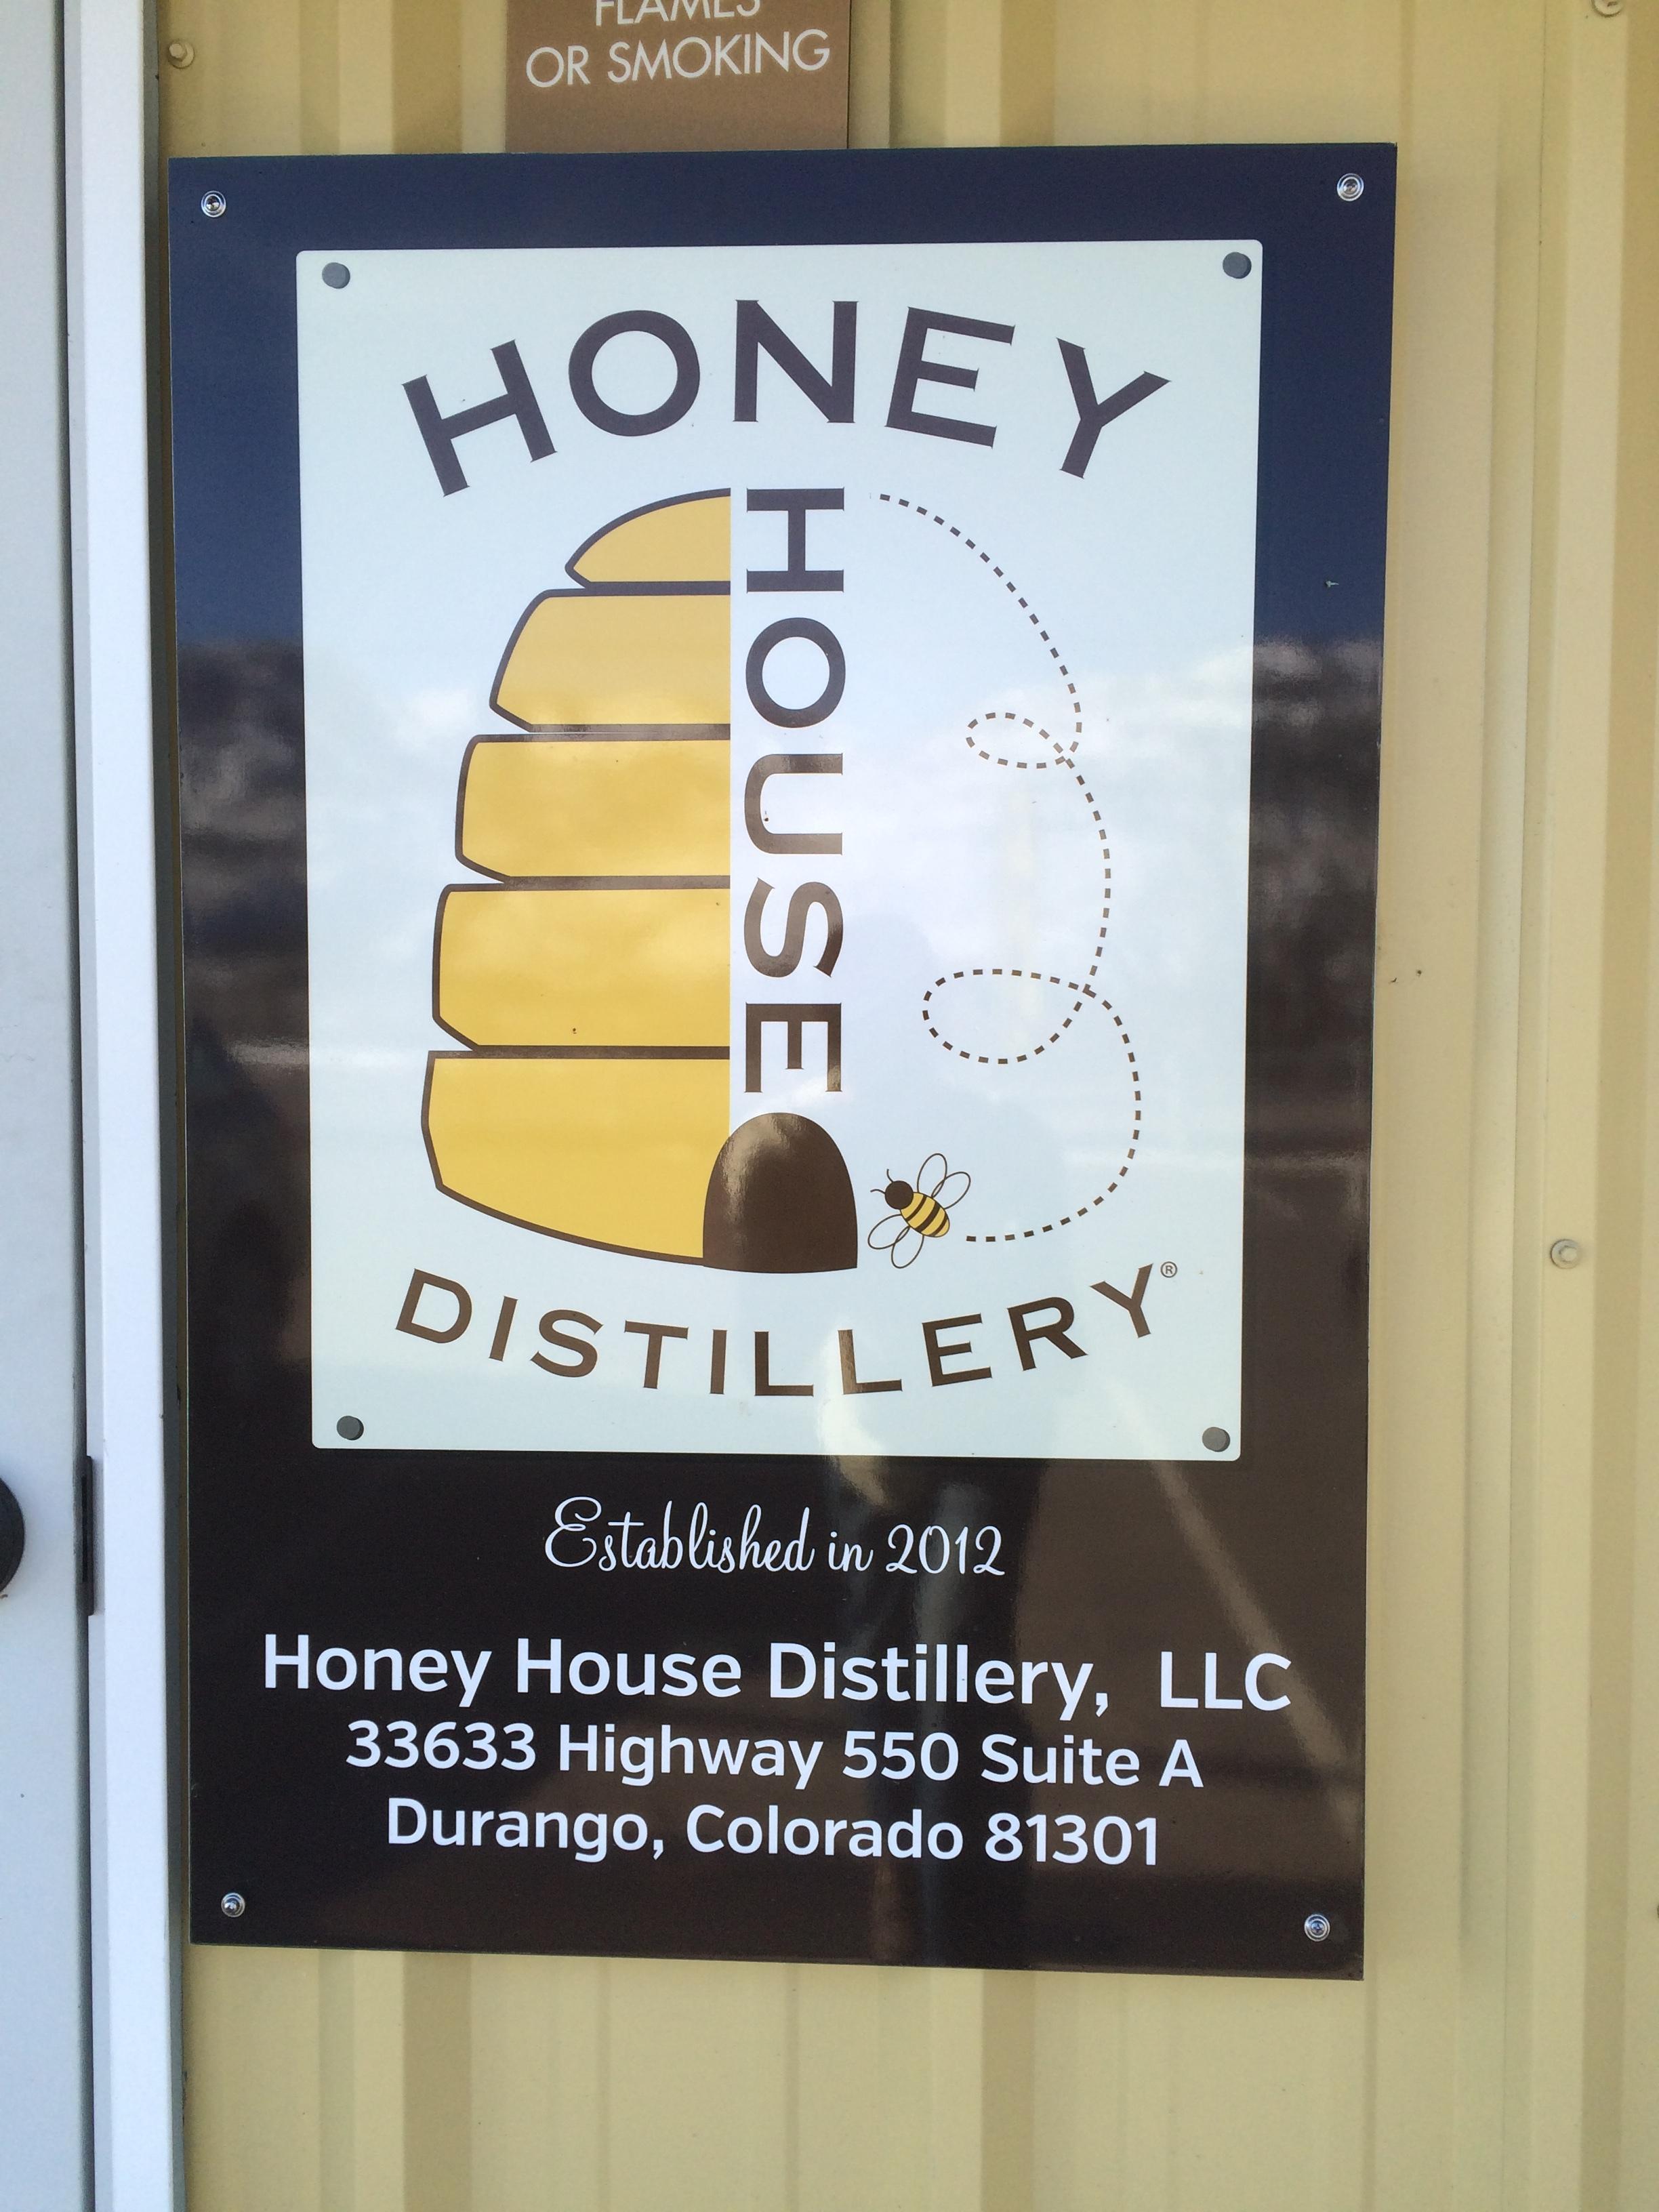 Honey + Whiskey. Great idea!